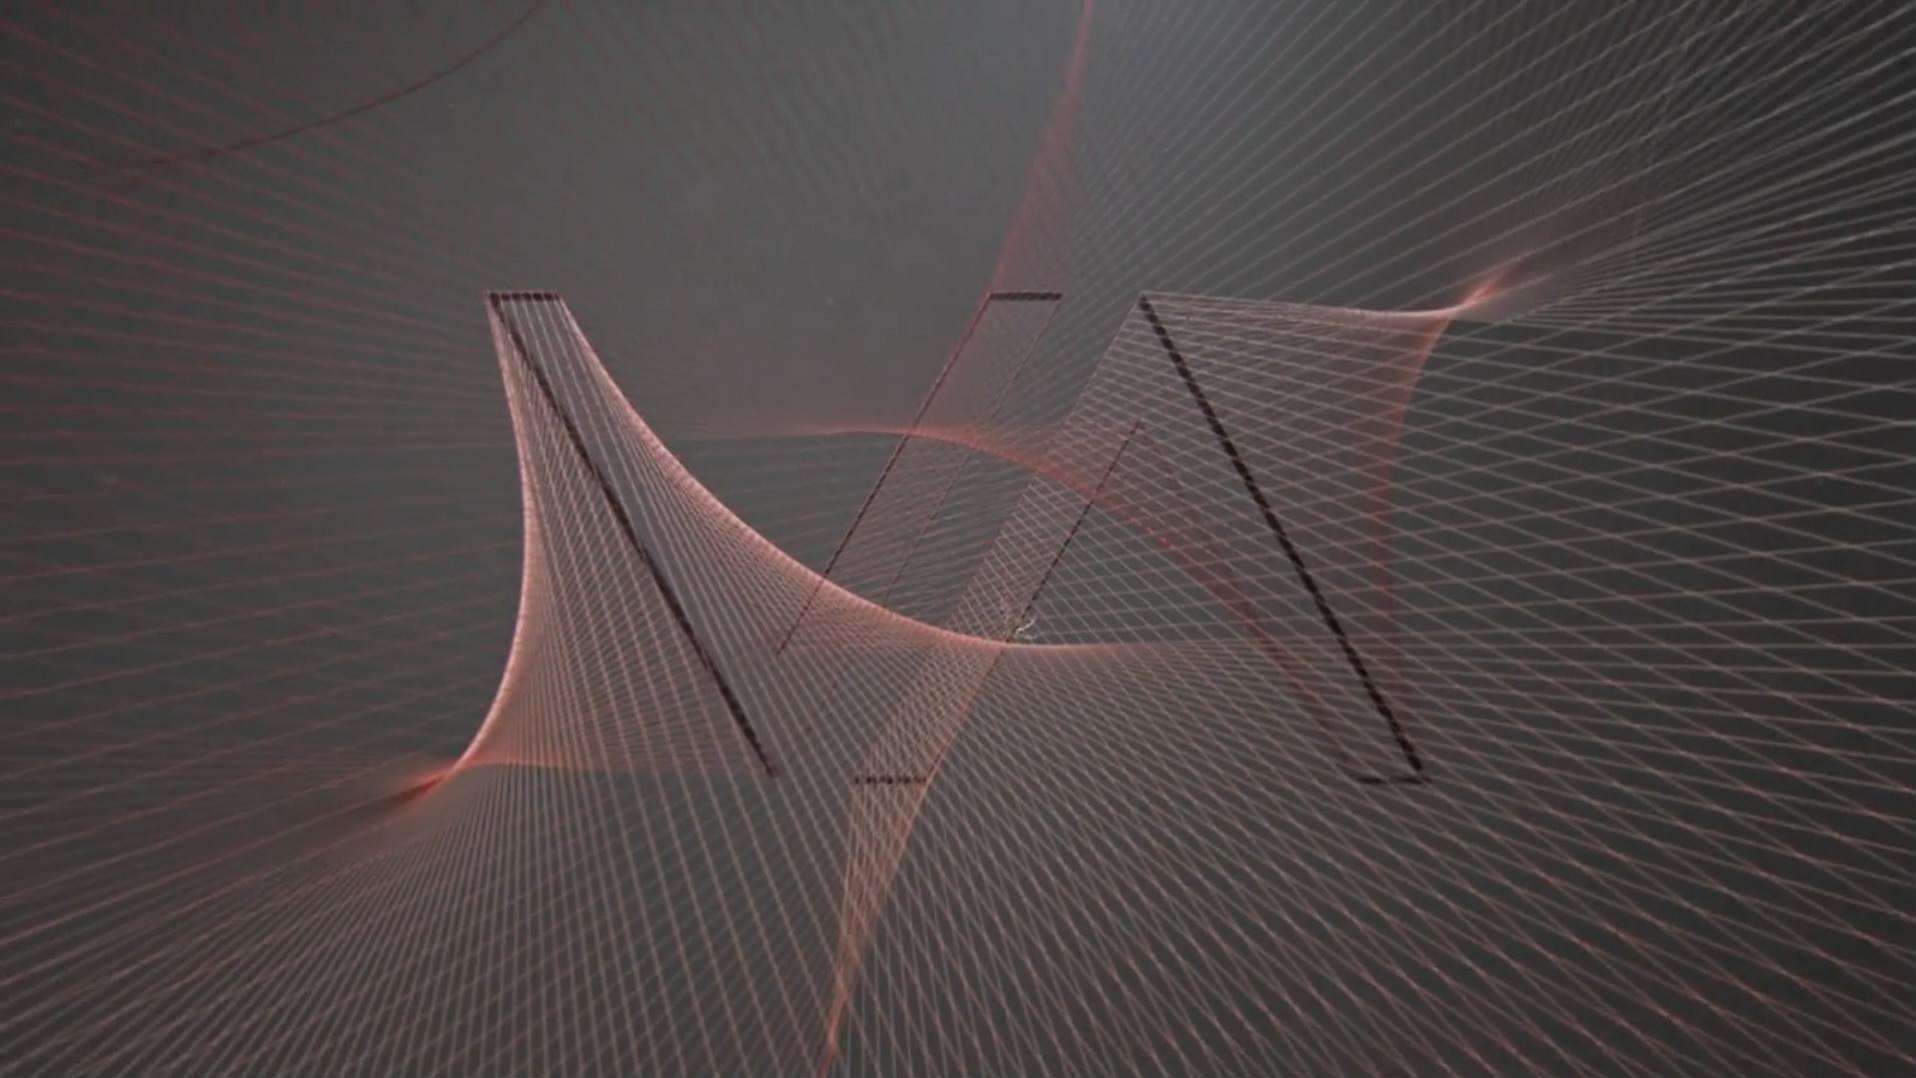 仿生学蜘蛛机器模拟:机器模拟三维仿真演示动画制作